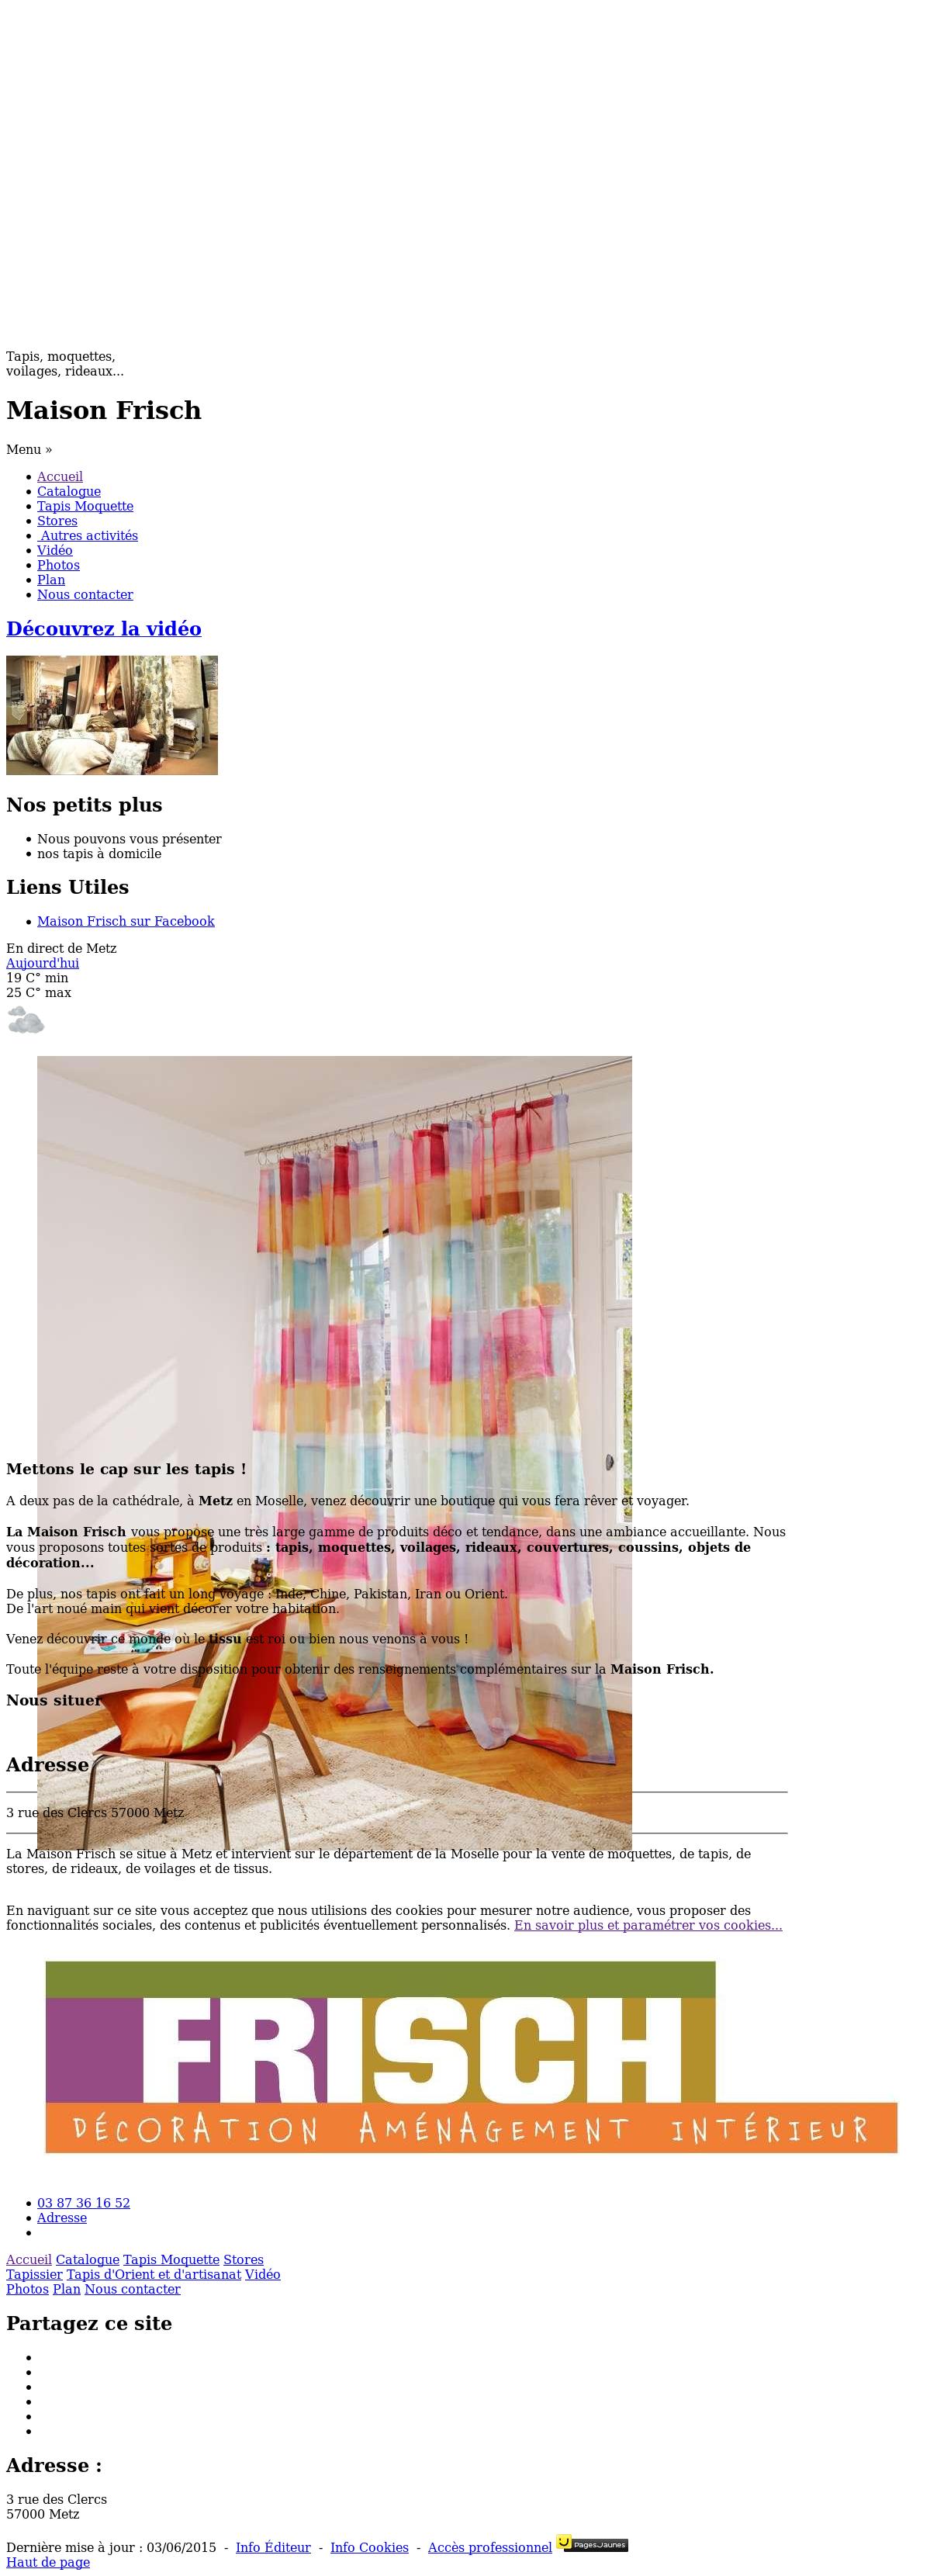 Architecte D Interieur Moselle maison frisch competitors, revenue and employees - owler